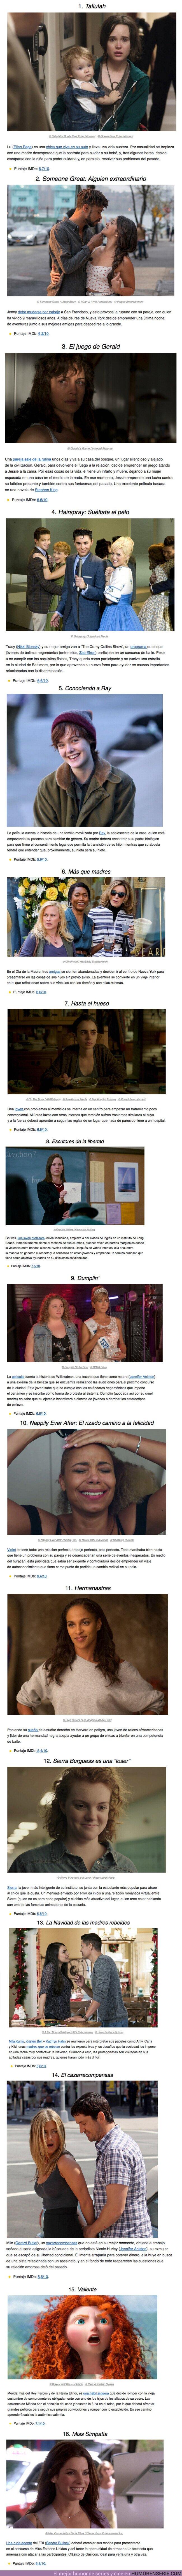 51170 - GALERÍA: 16 películas de Netflix que están protagonizasas por personajes femeninos que te harán temblar las bolas